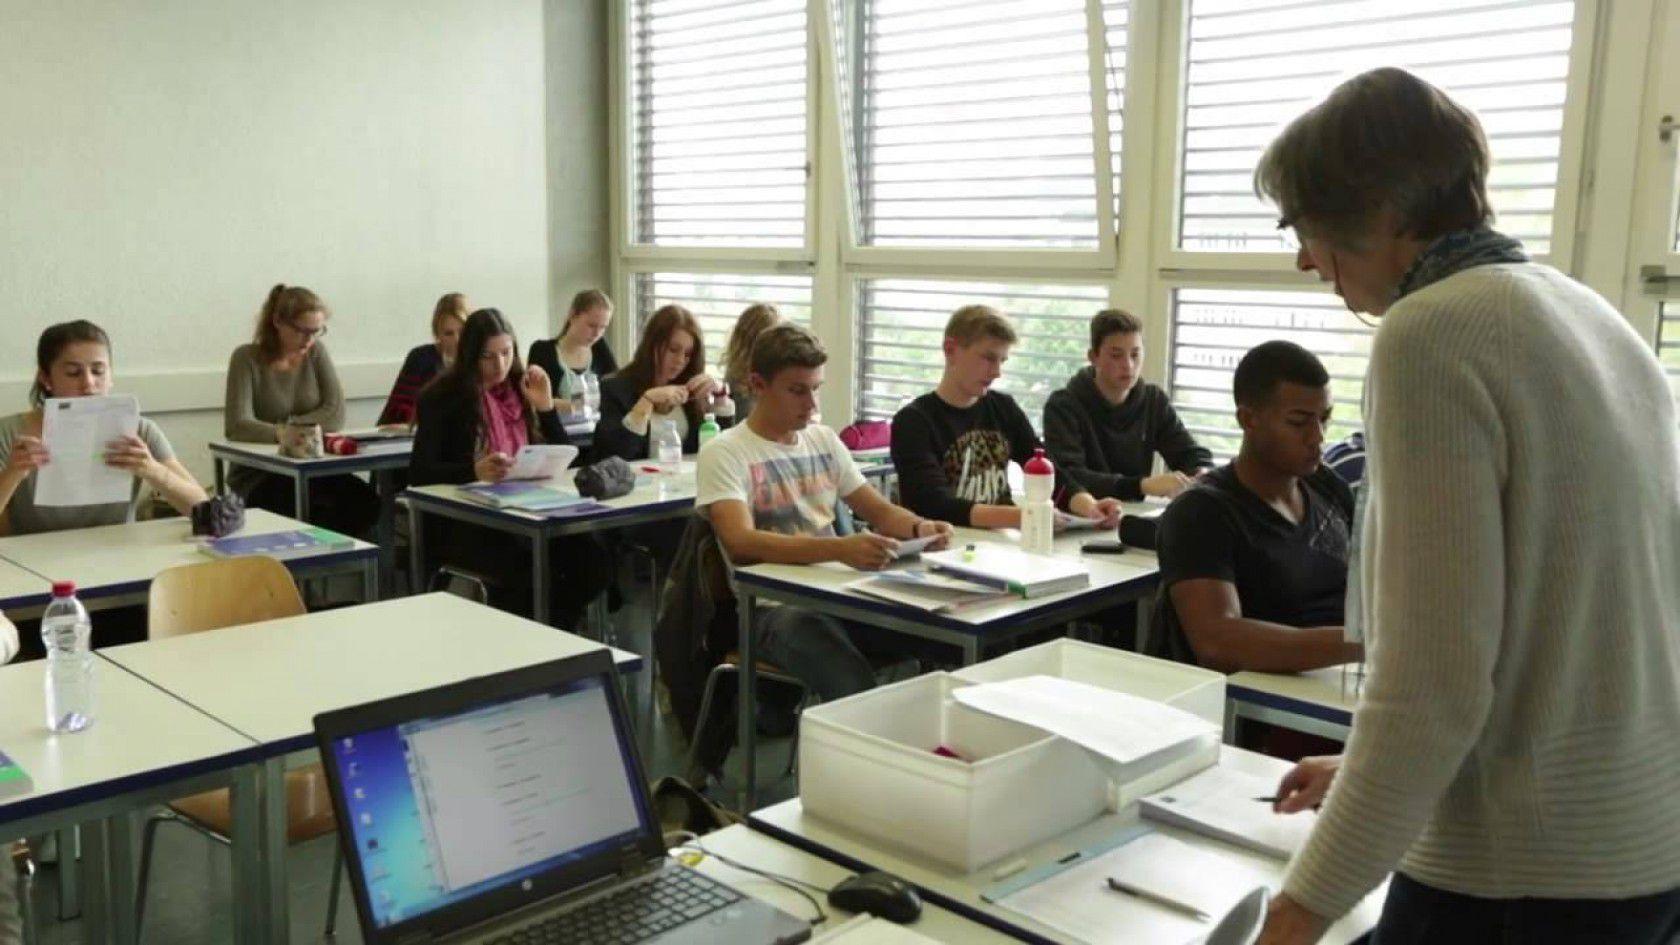 İsviçre Kolej Eğitimi Almak İsteyenleri Bekleyen Süreçler